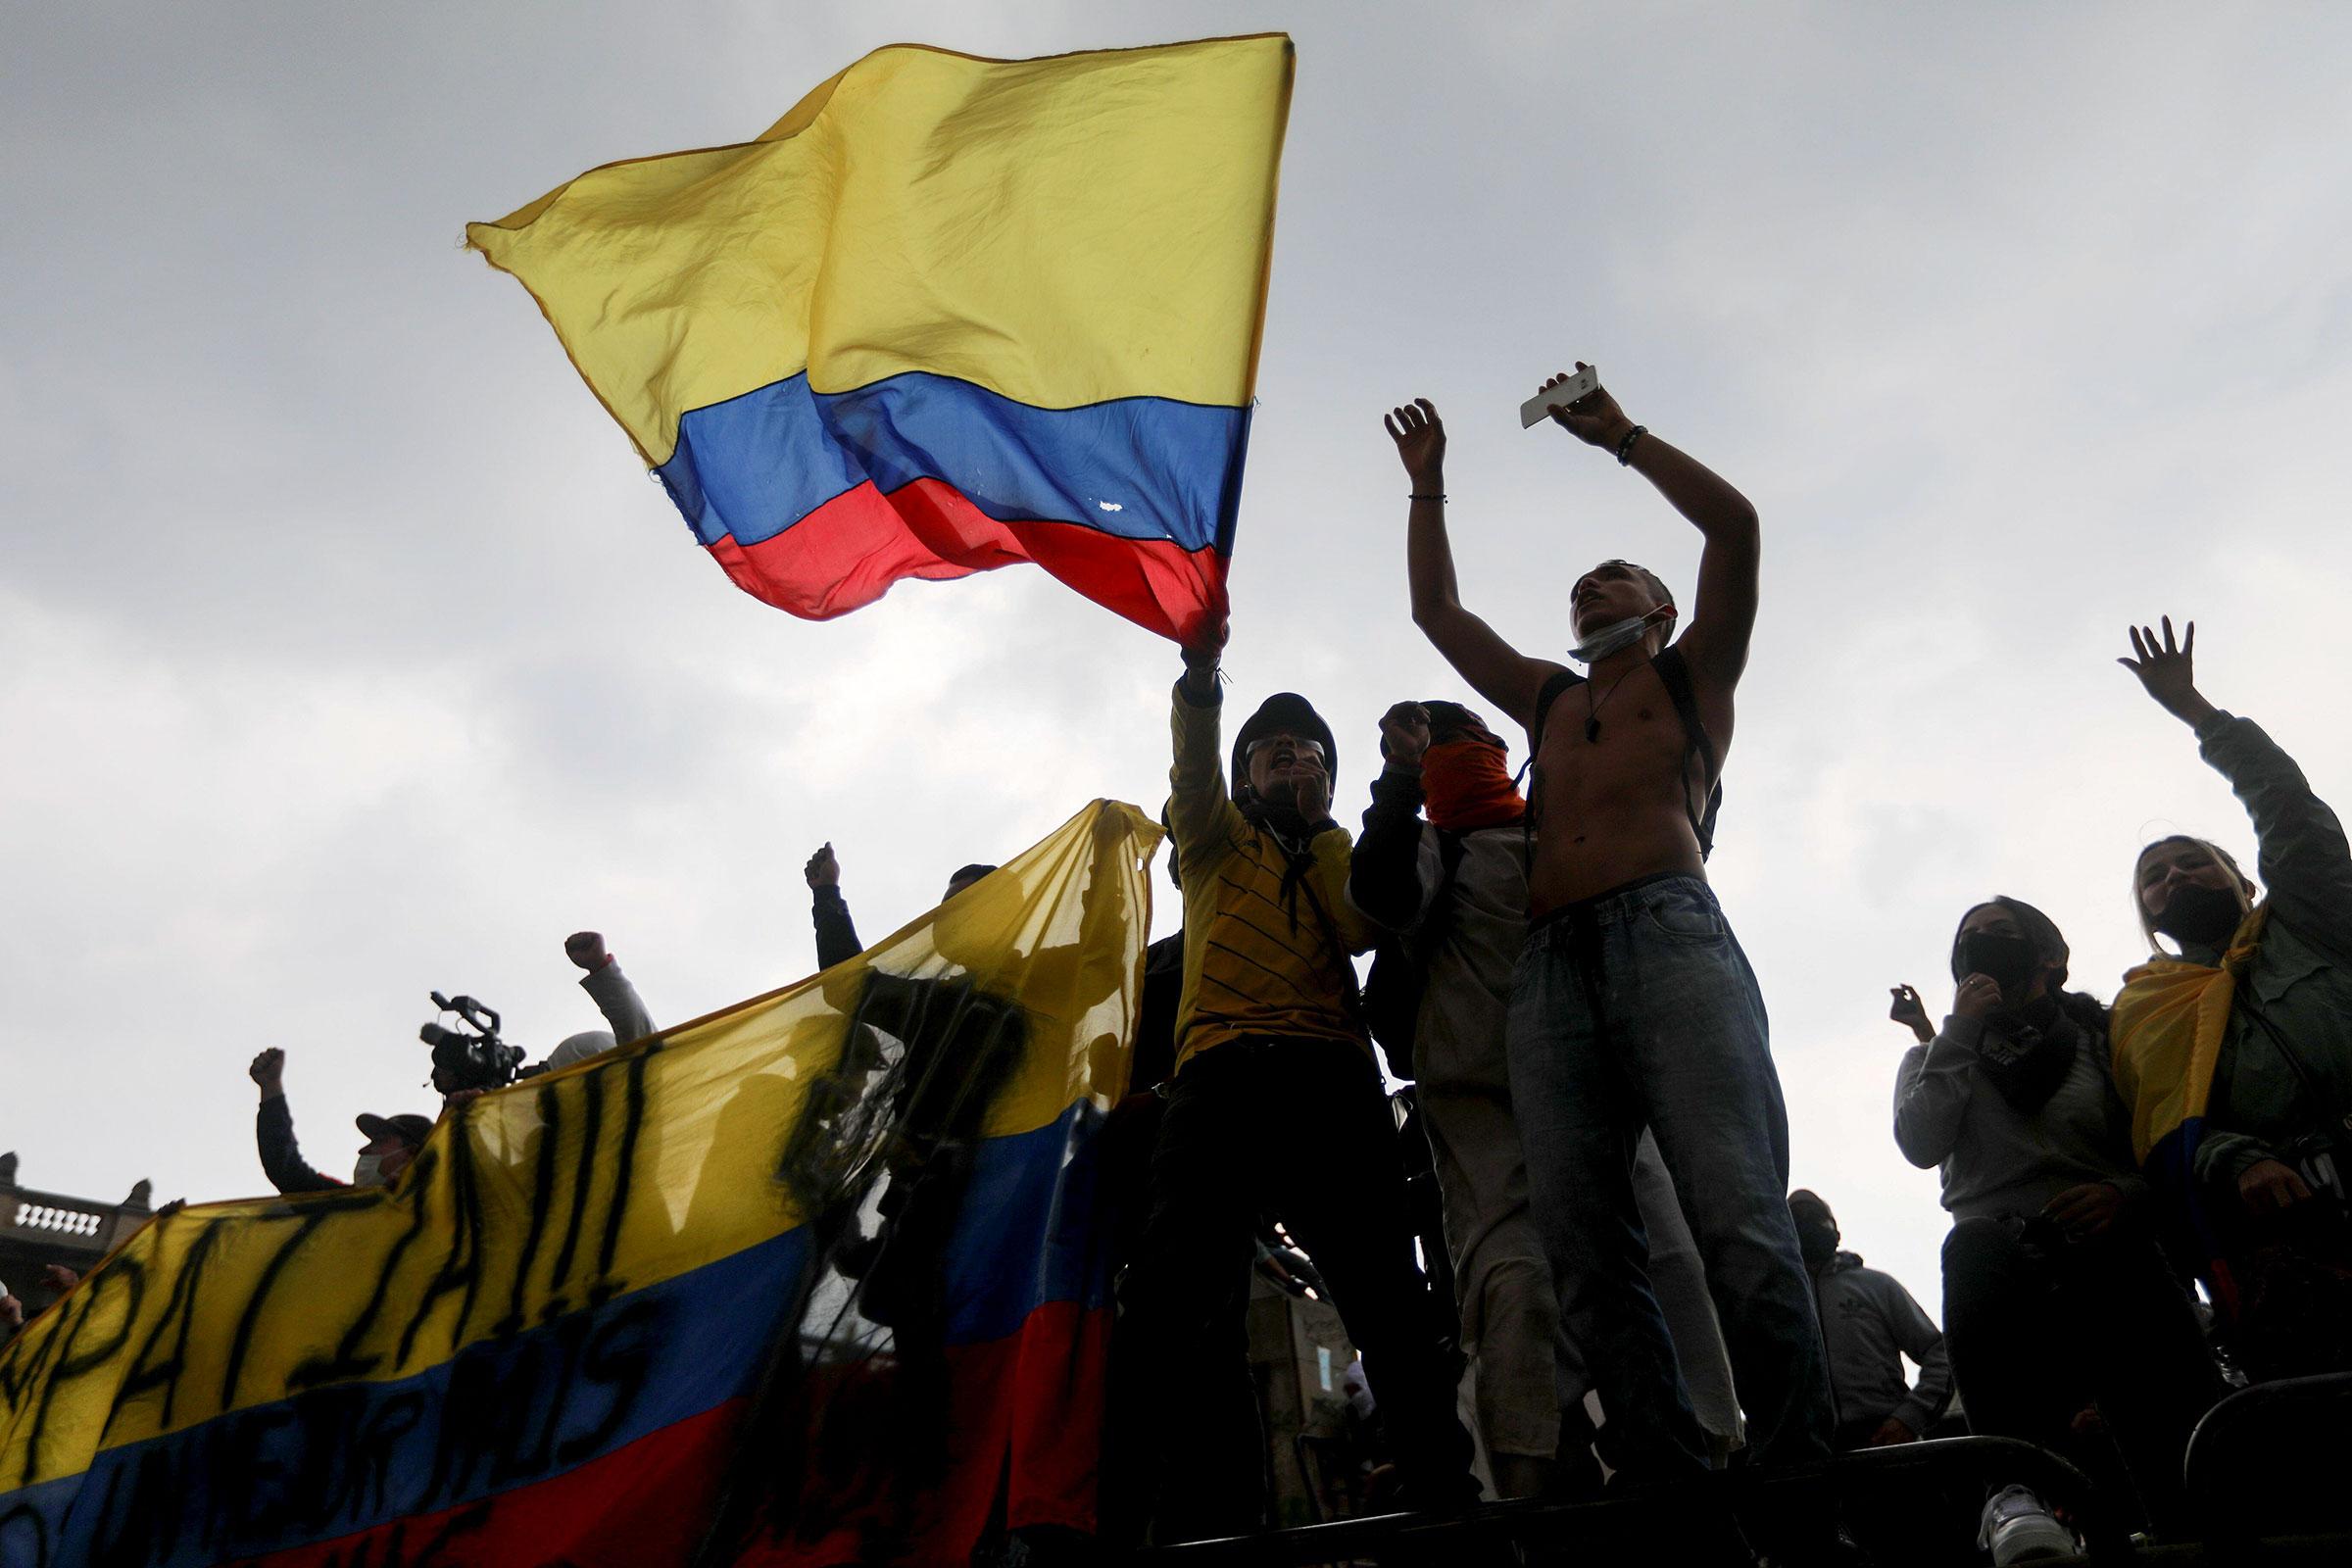 Manifestantes en Bogotá, Colombia el primero de mayo de 2021. Luisa Gonzalez/Reuters/Alamy